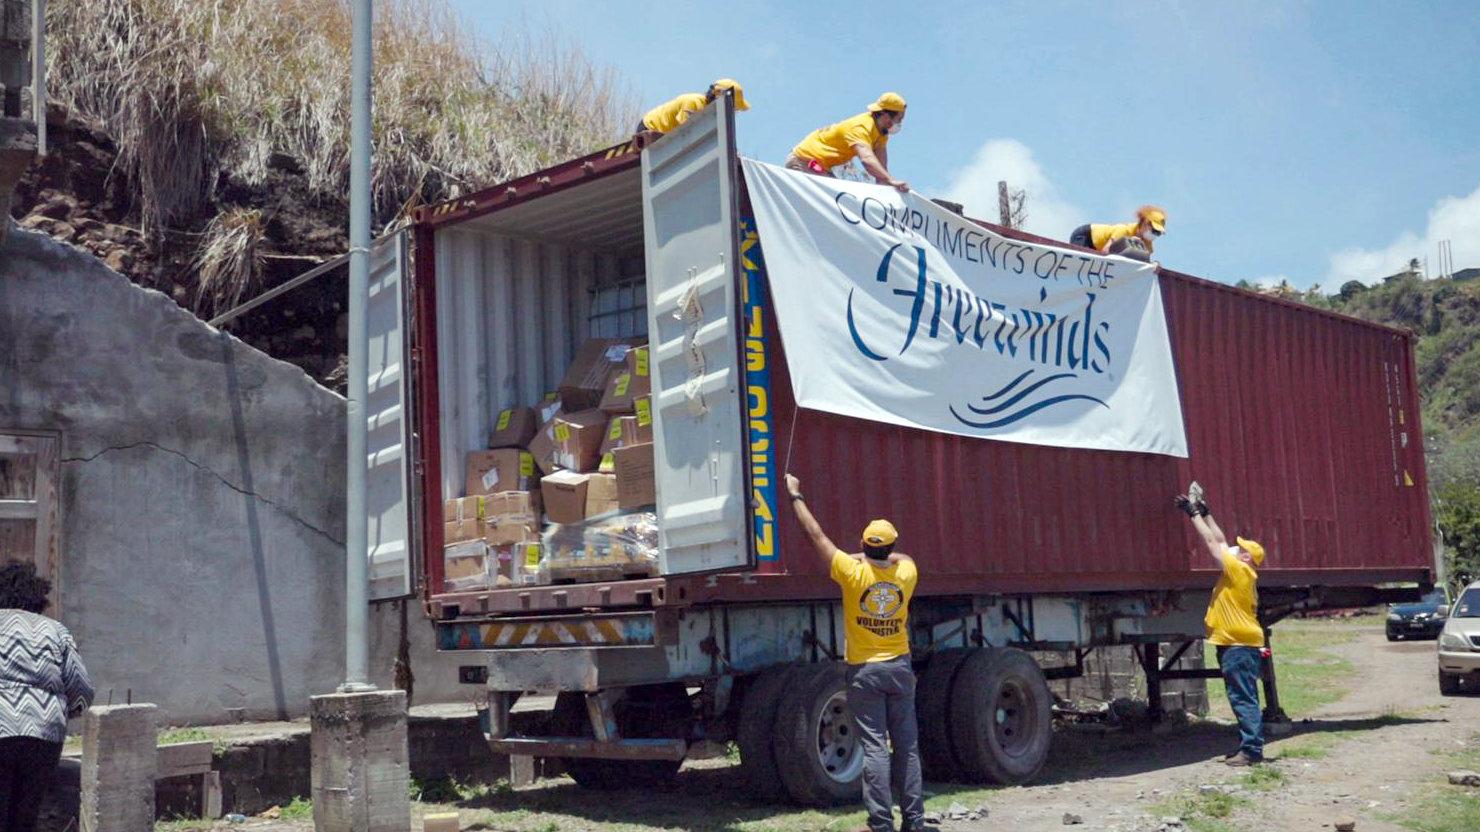 VMチームは、IASの支援によって、フリーウィンズが 島に送った必需品をコンテナから降ろします。